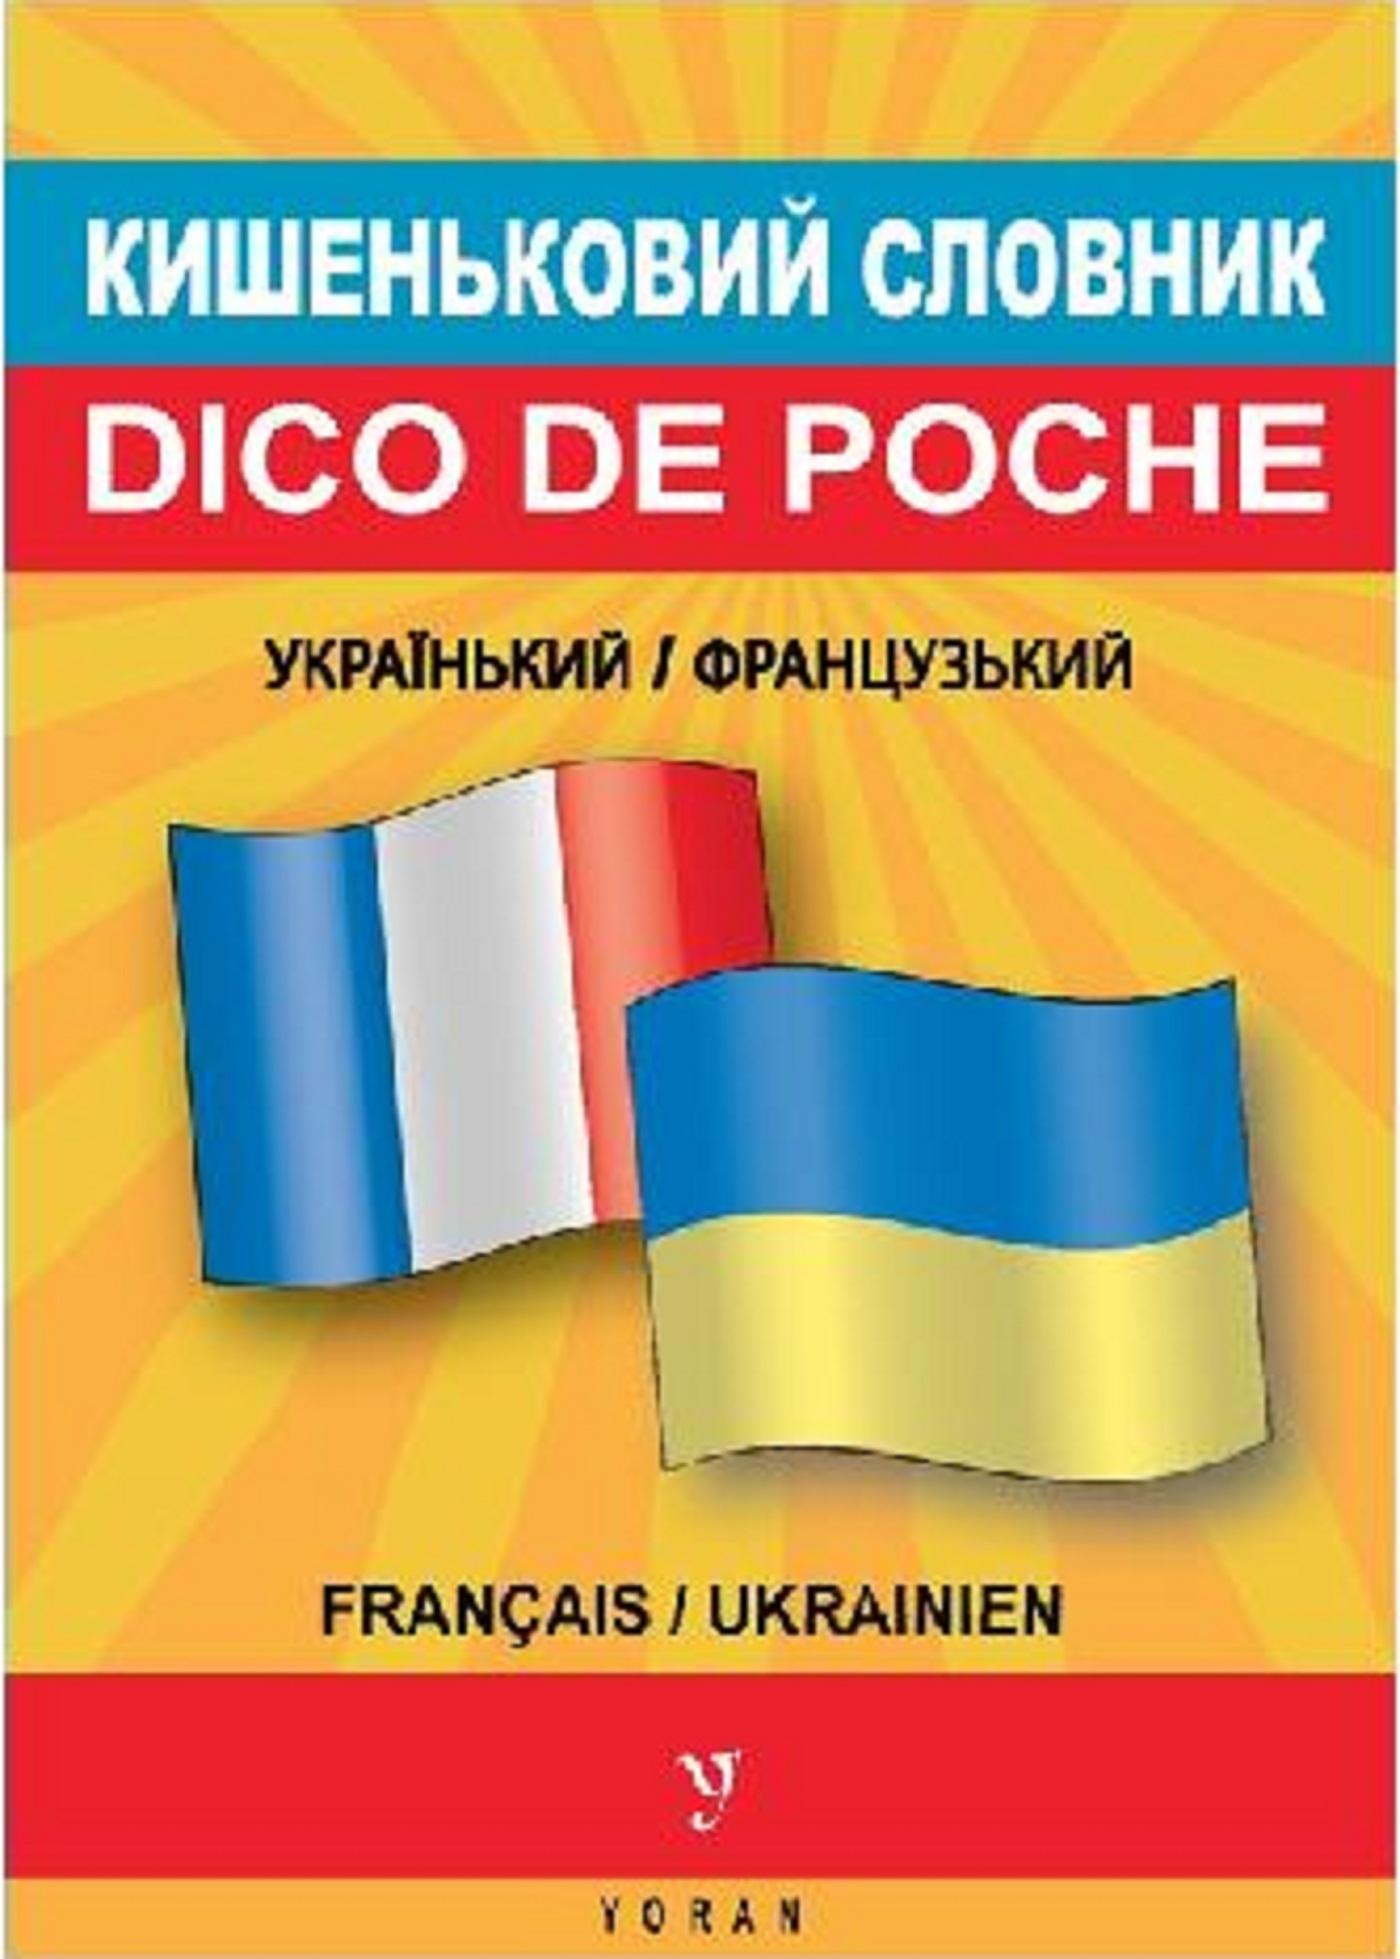 DICO DE POCHE BILINGUE UKRAINIEN-FRANCAIS